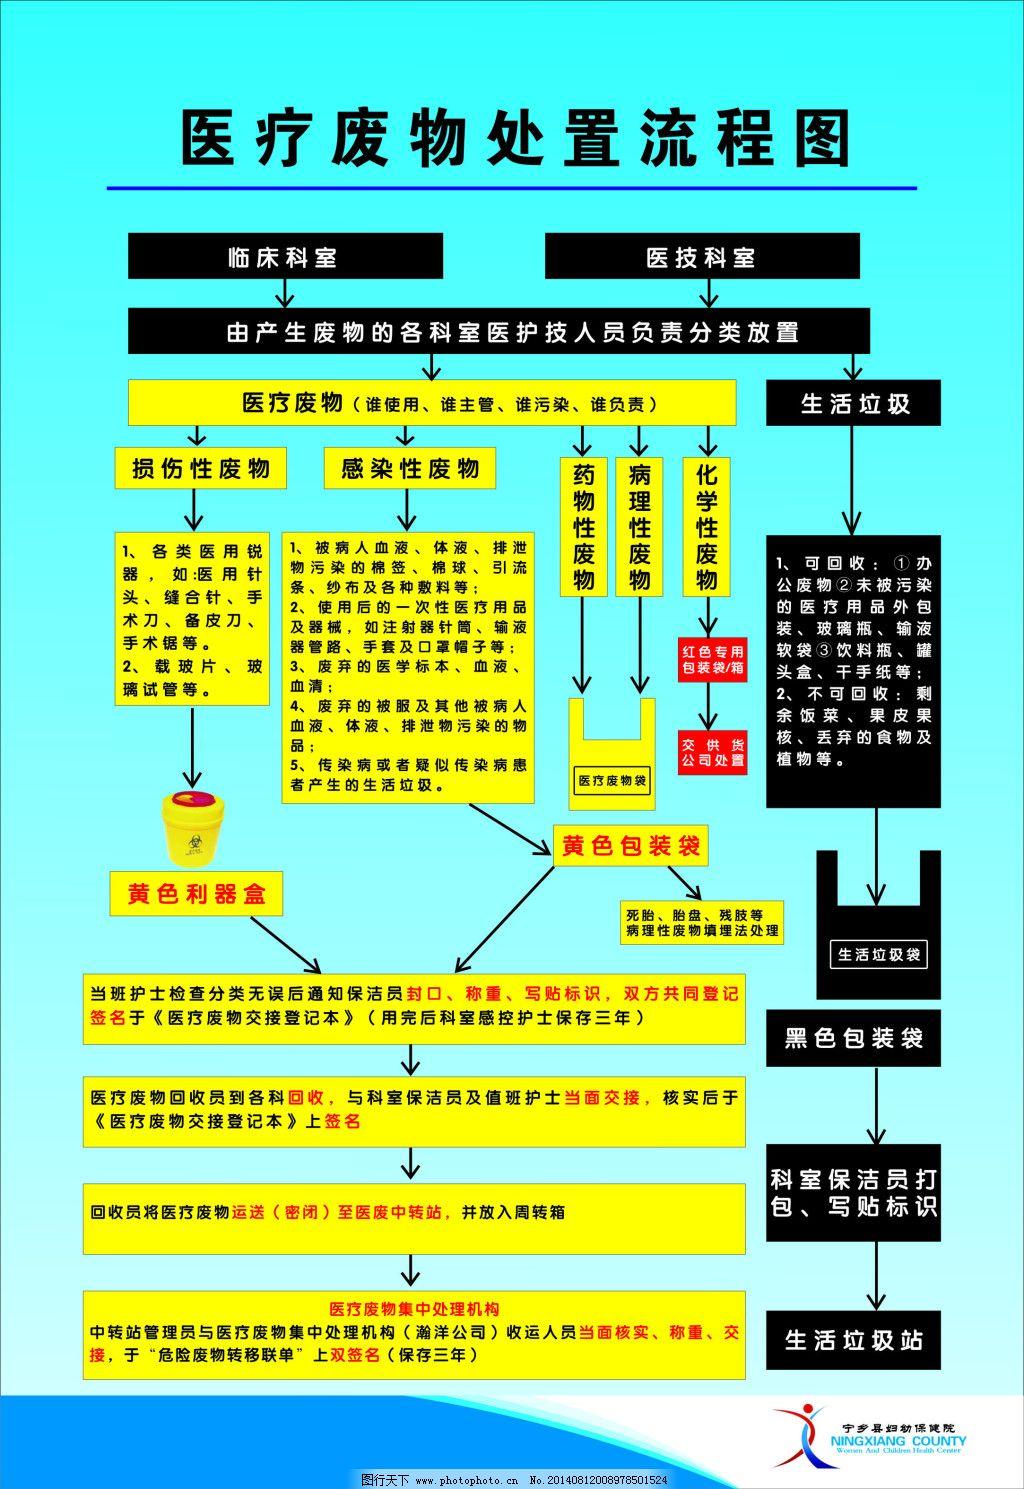 医疗废物处置流程图